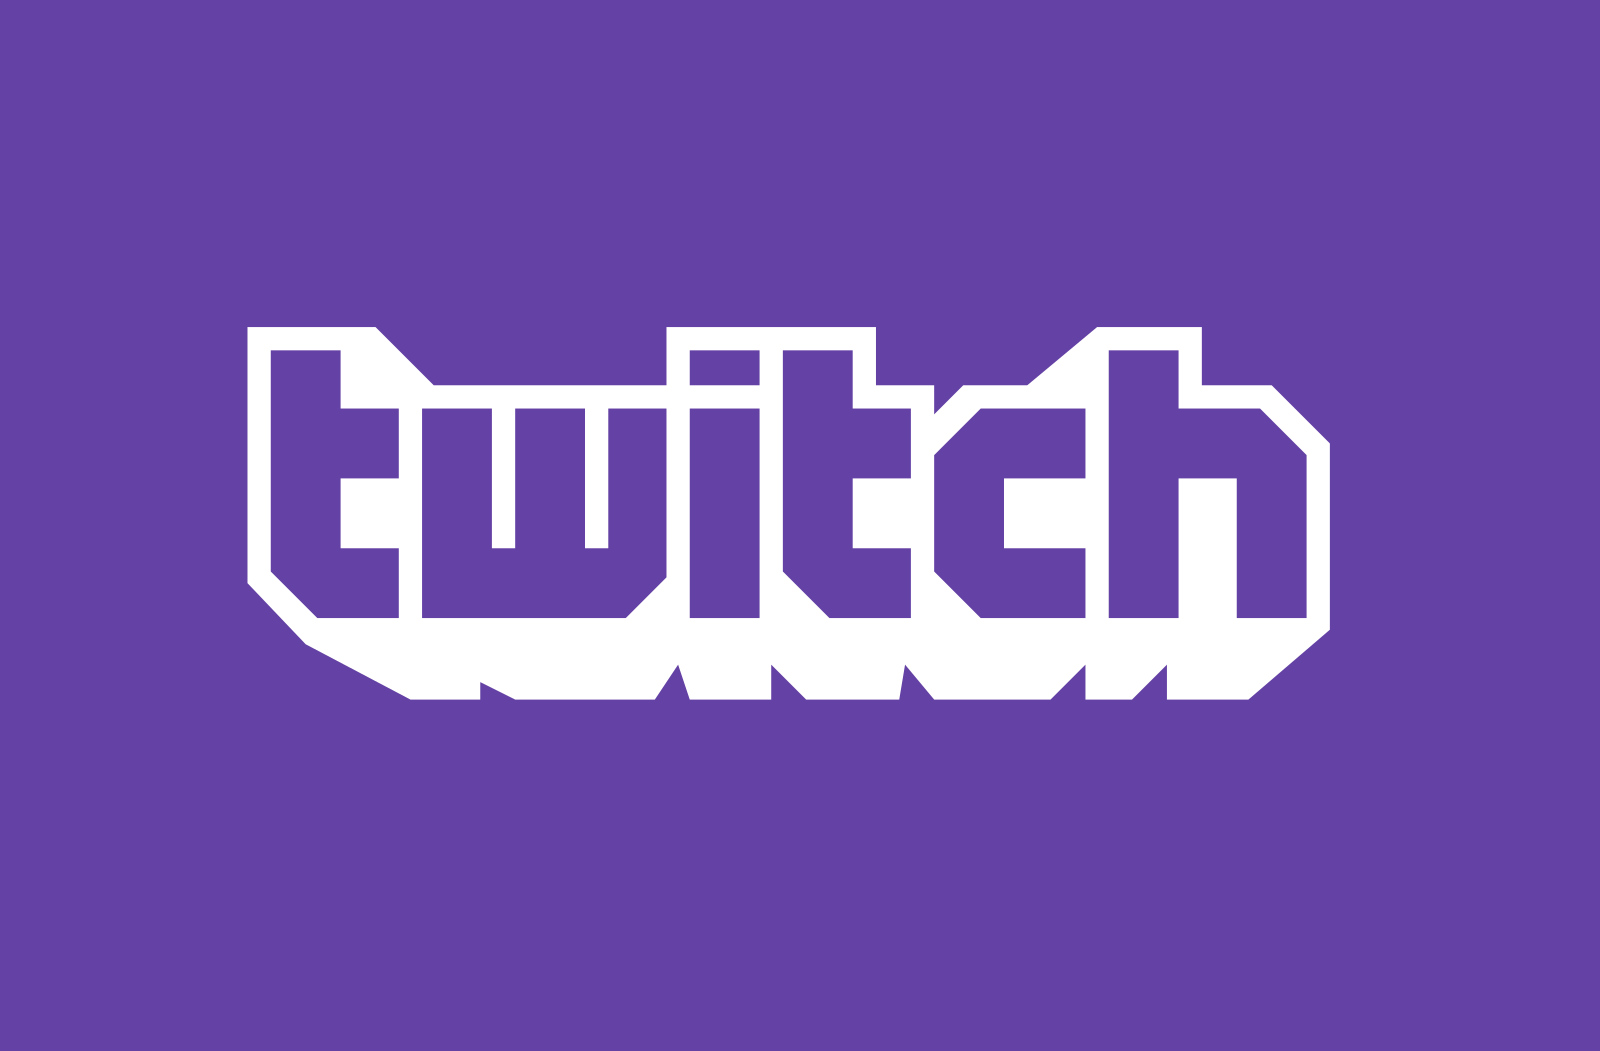 twitch logo 5 - Twitch Logo